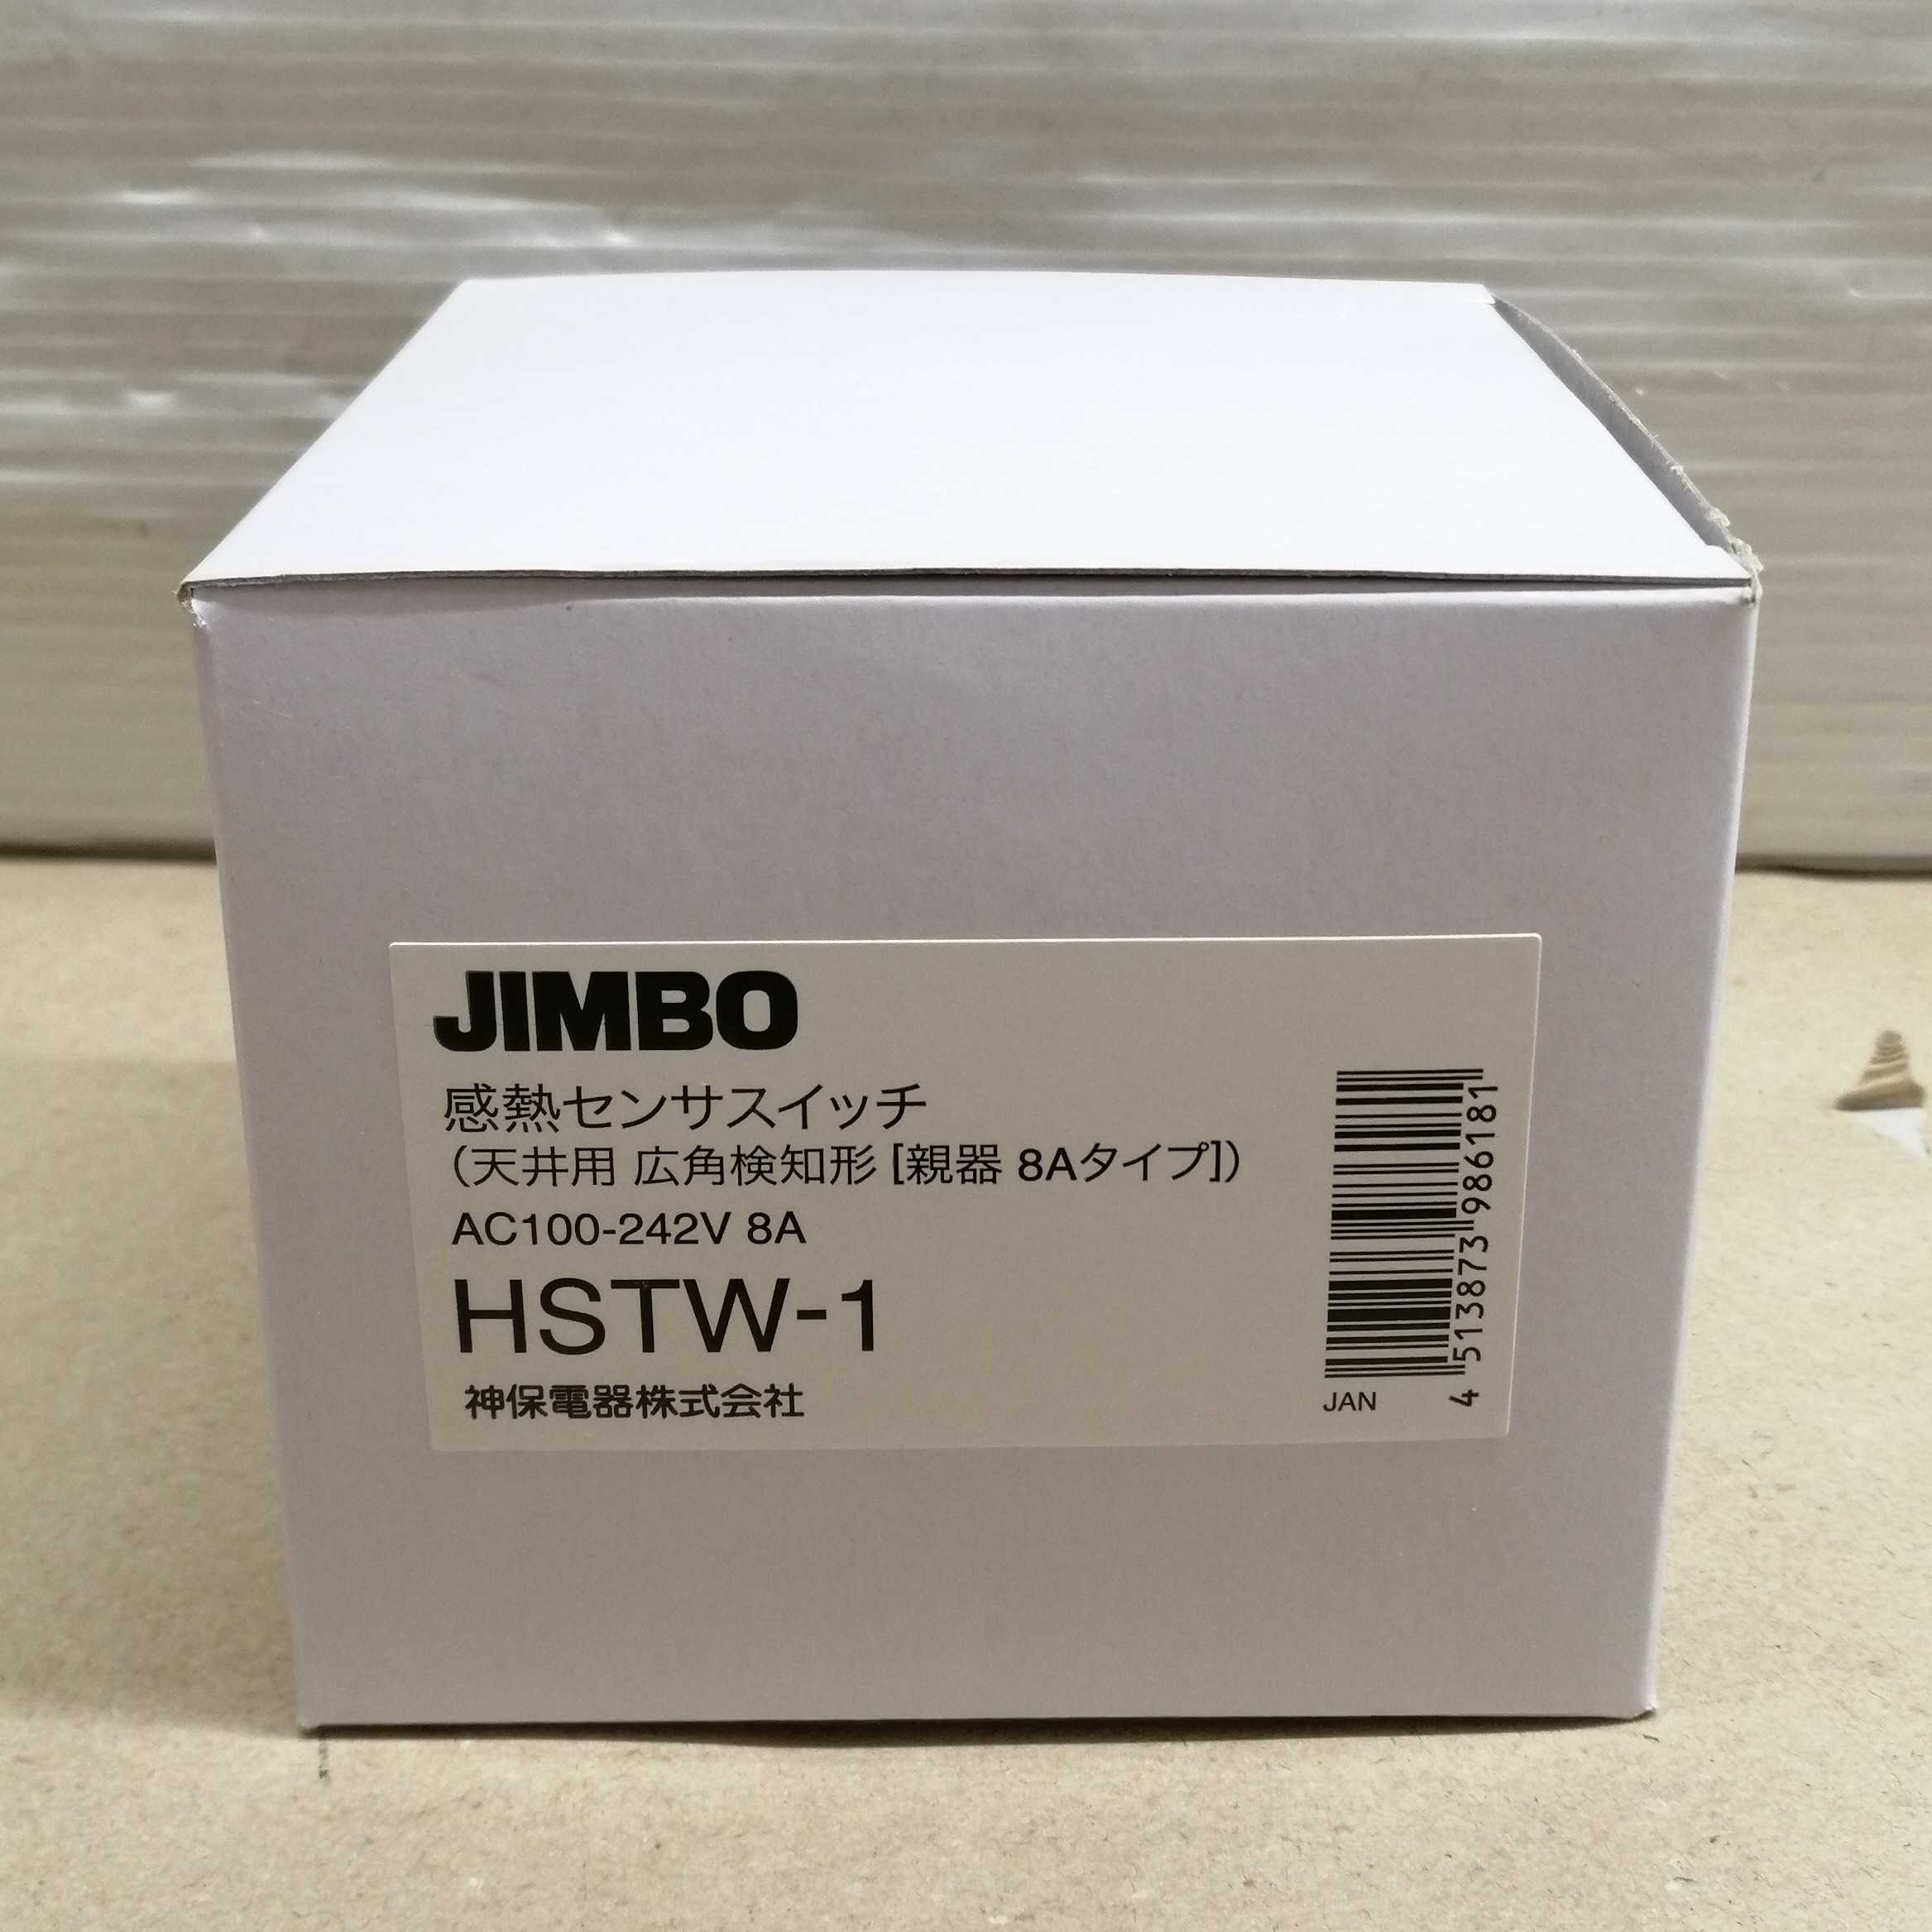 感熱センサスイッチ|JIMBO